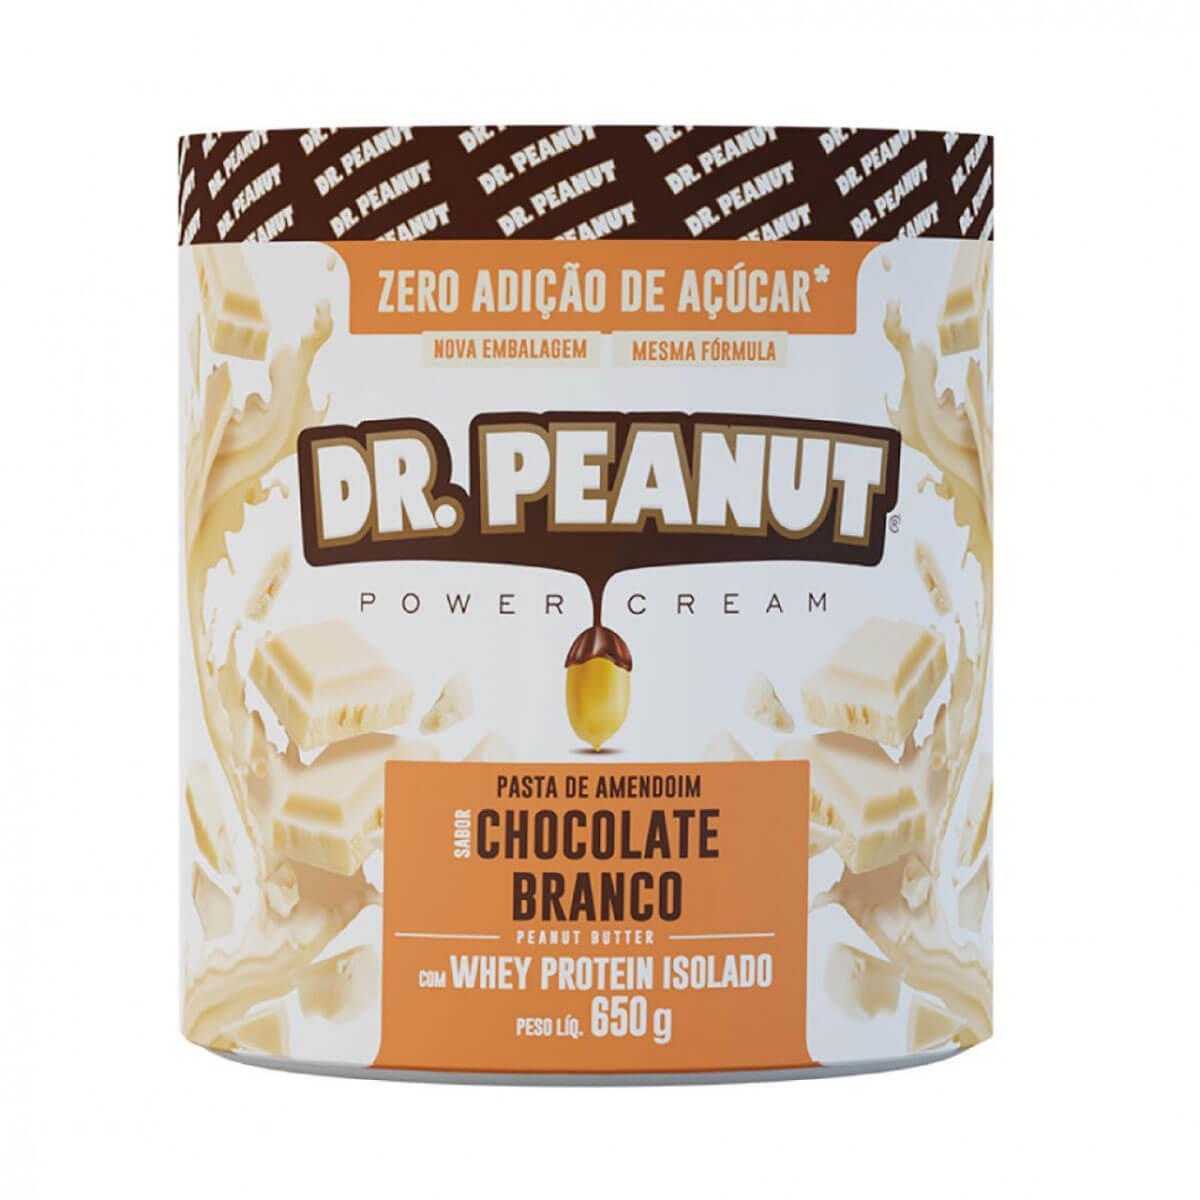 Dr Pasta de Amendoim 650G Dr Peanut